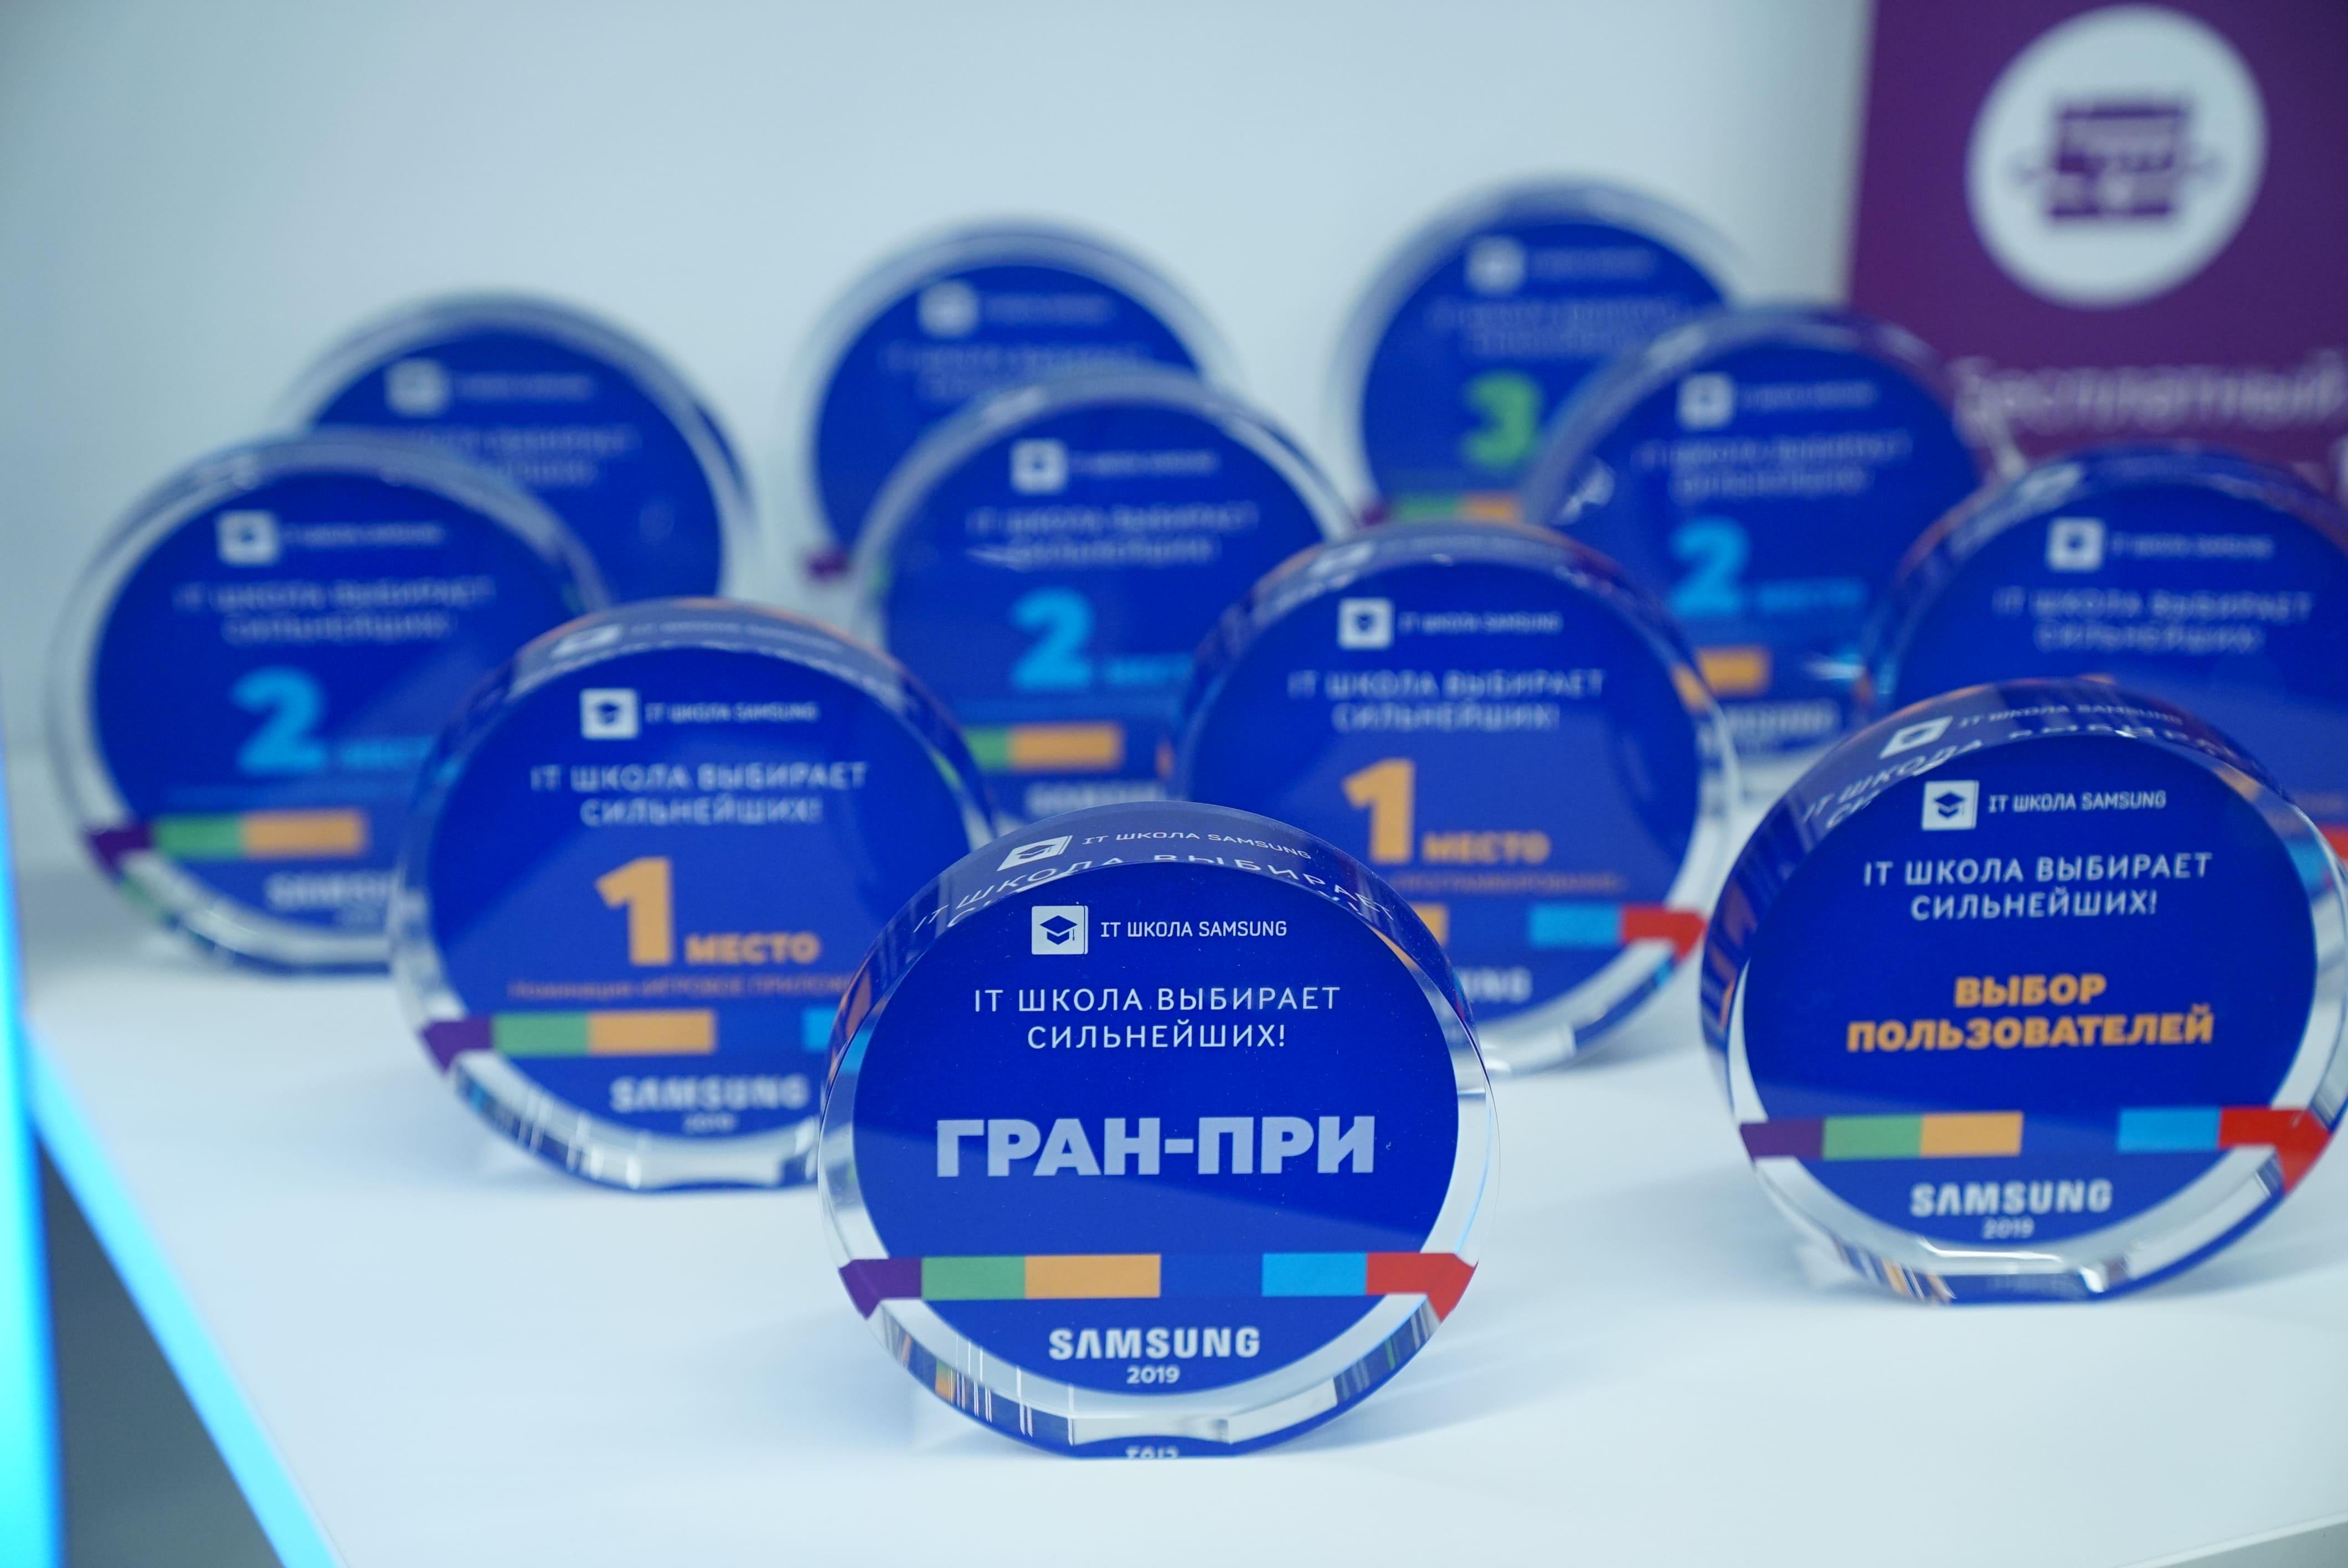 Объявлены победители V Всероссийского конкурса «IT ШКОЛА выбирает сильнейших!»